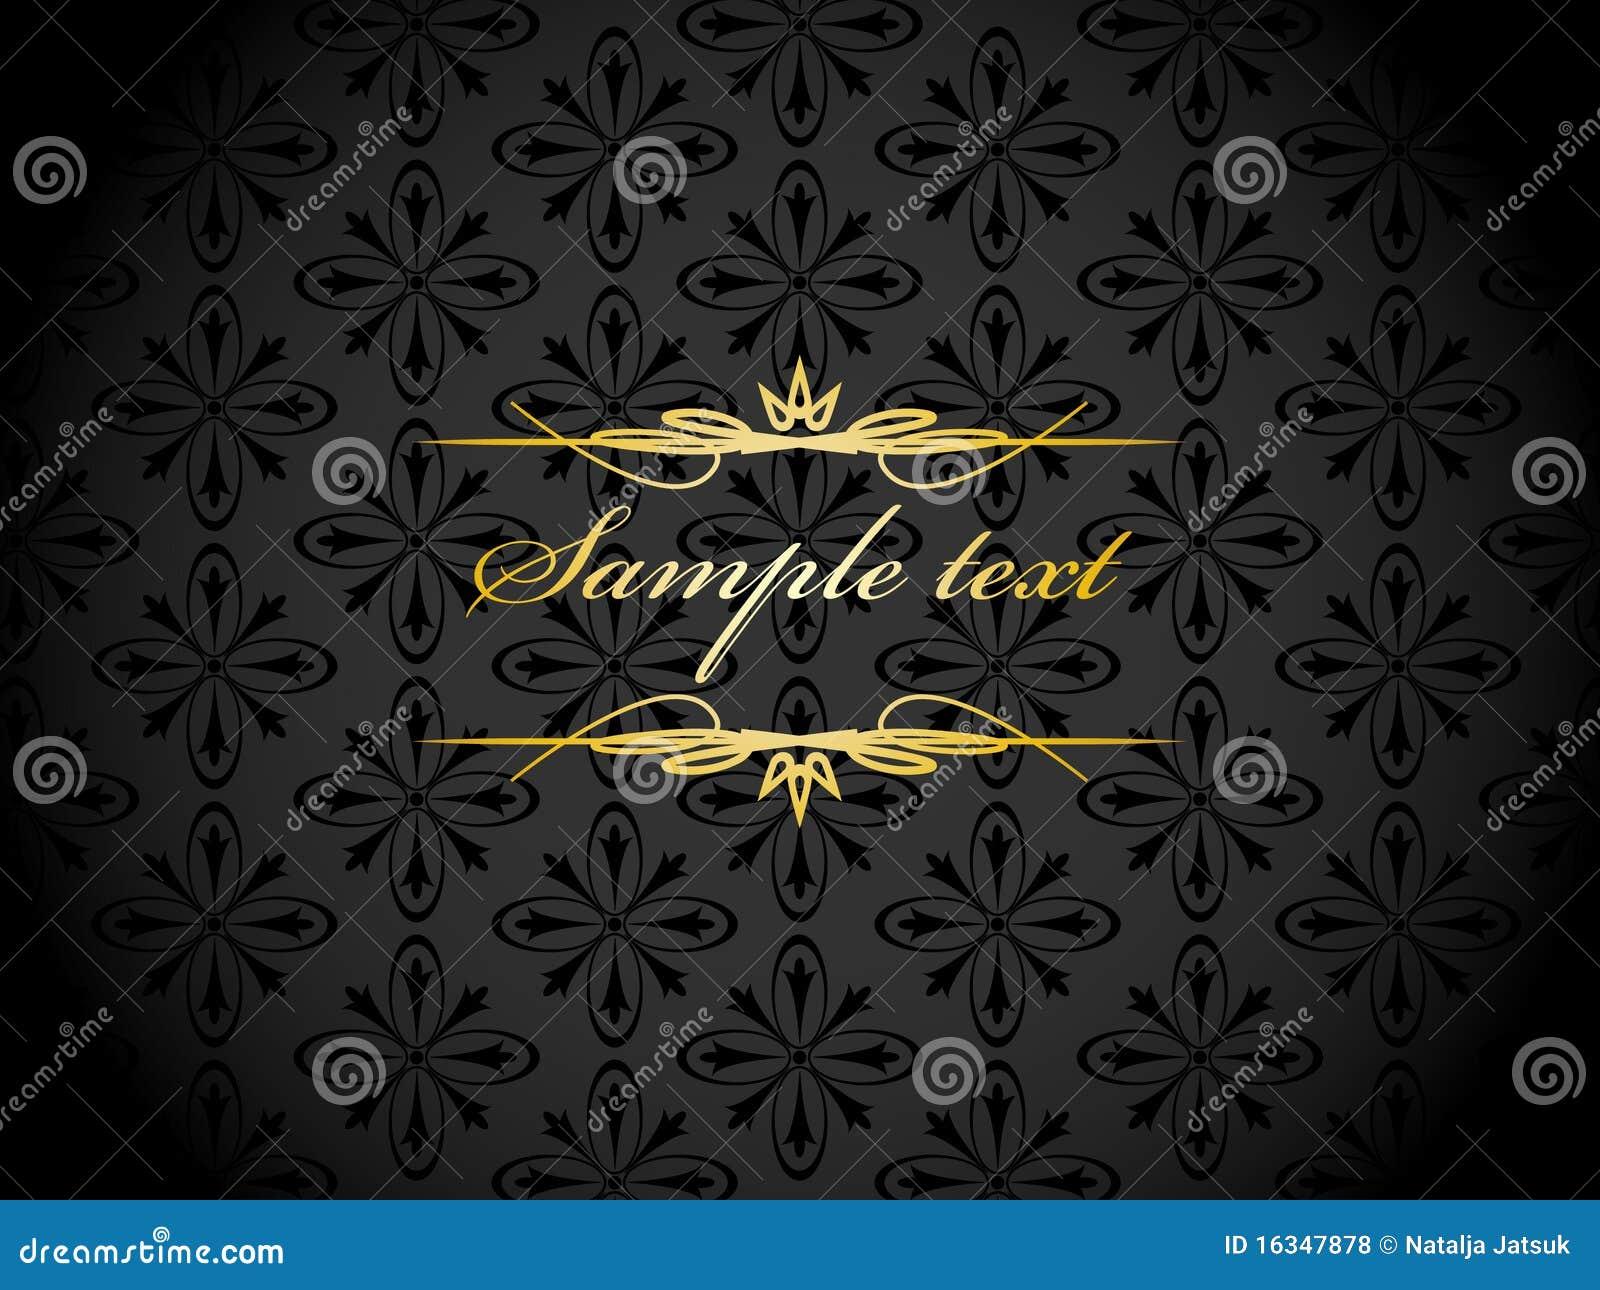 black elegant background stock illustrations 414 346 black elegant background stock illustrations vectors clipart dreamstime dreamstime com